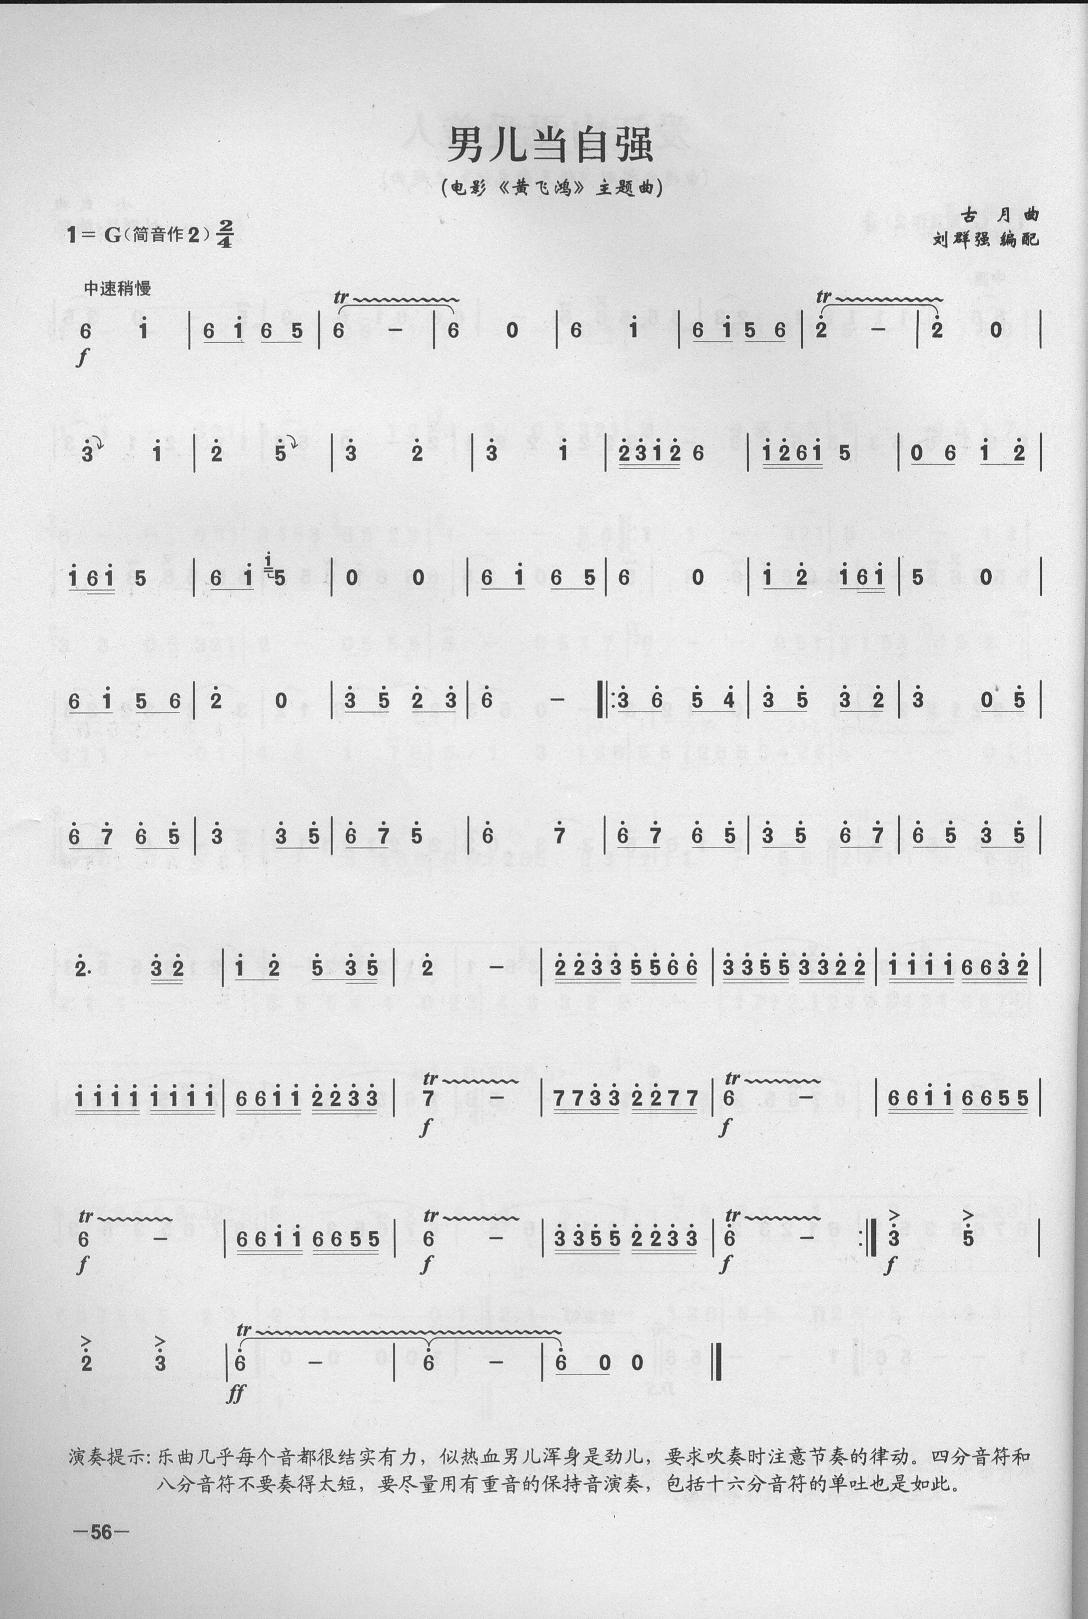 笛子g调简谱图片_g调笛子版曲谱图片